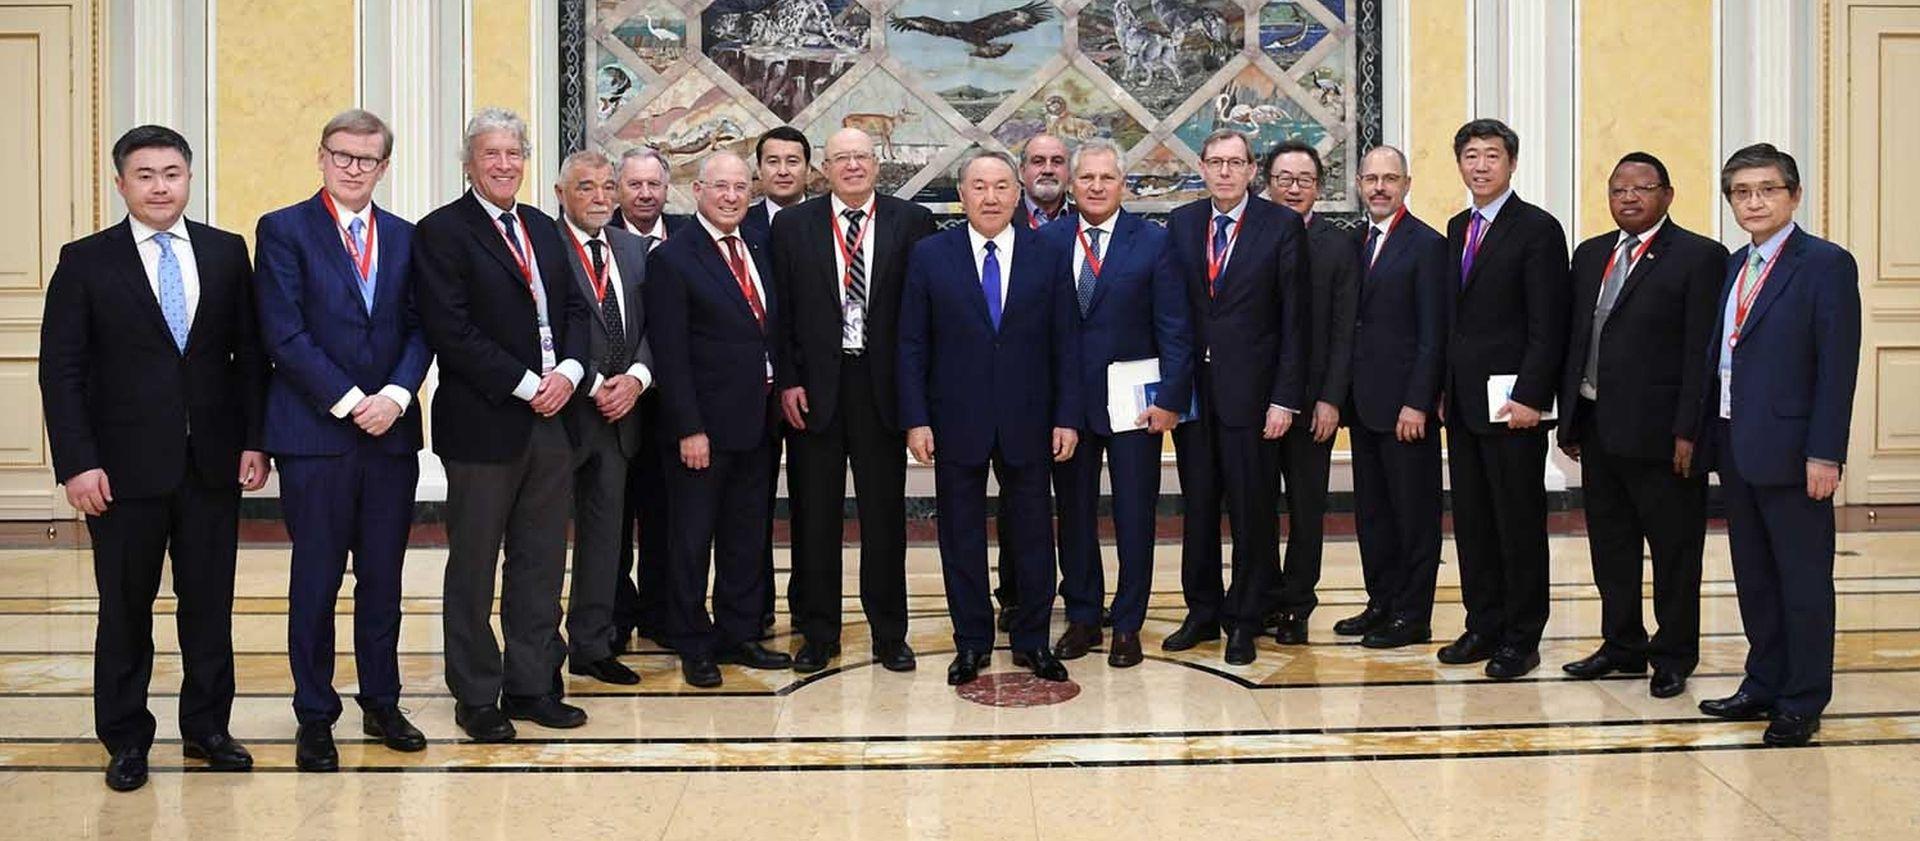 """MESIĆ NA EKONOMSKOM FORUMU U ASTANI """"Skladni suživot pripadnika više od 120 nacionalnosti u Kazahstanu primjer je koji bi trebao inspirirati cijeli svijet"""""""